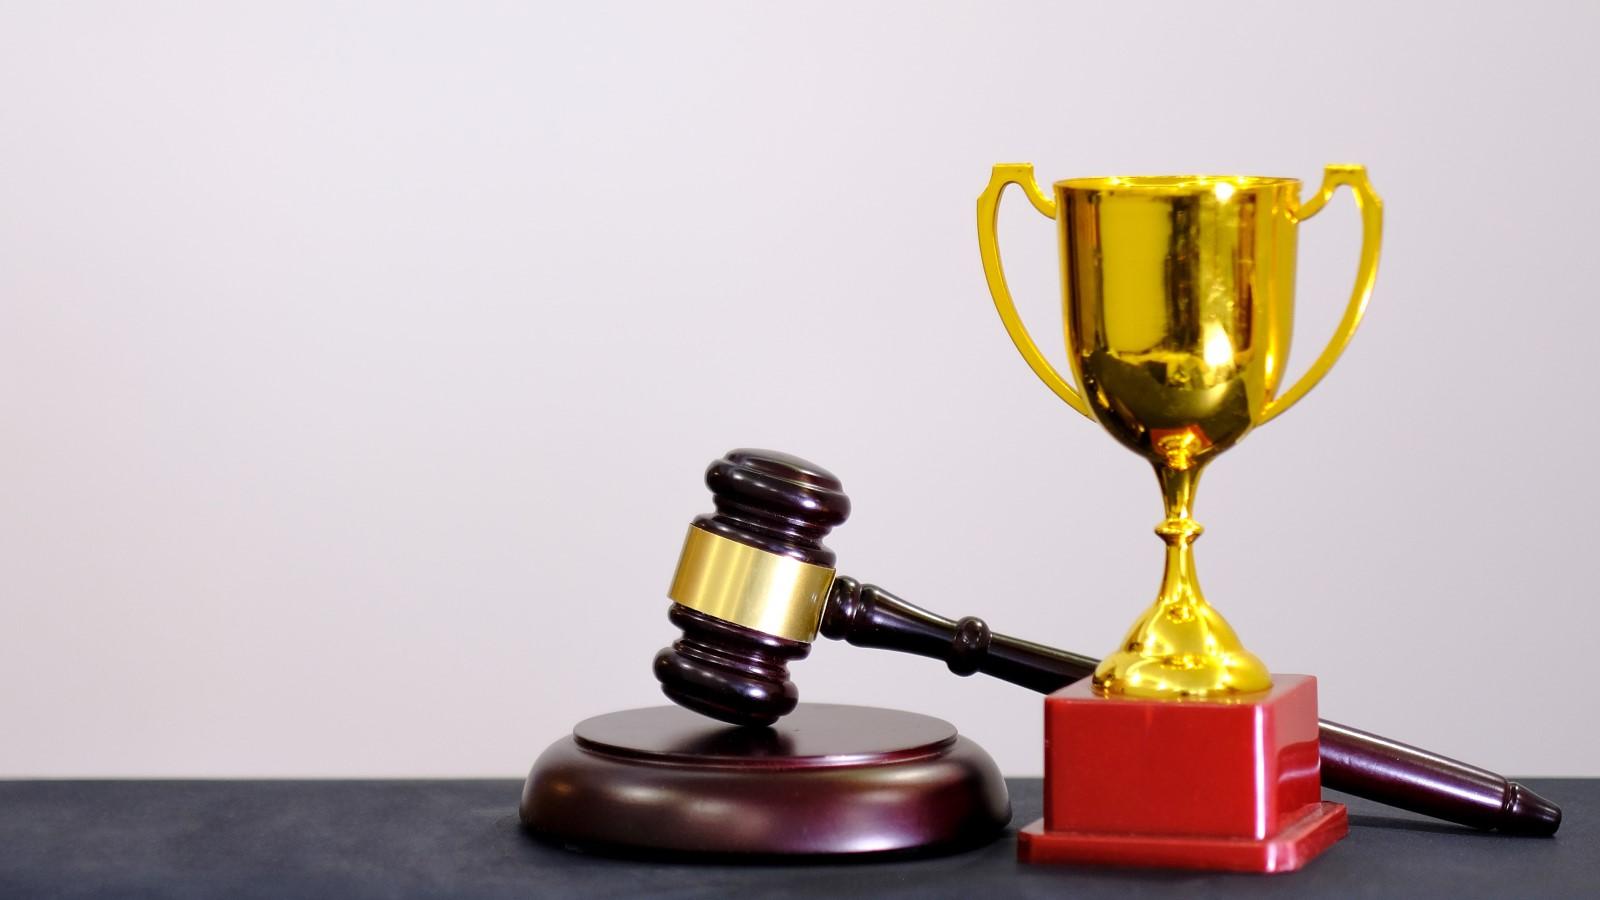 Questionna - Derecho del Entretenimiento - La importancia del Derecho en el Deporte